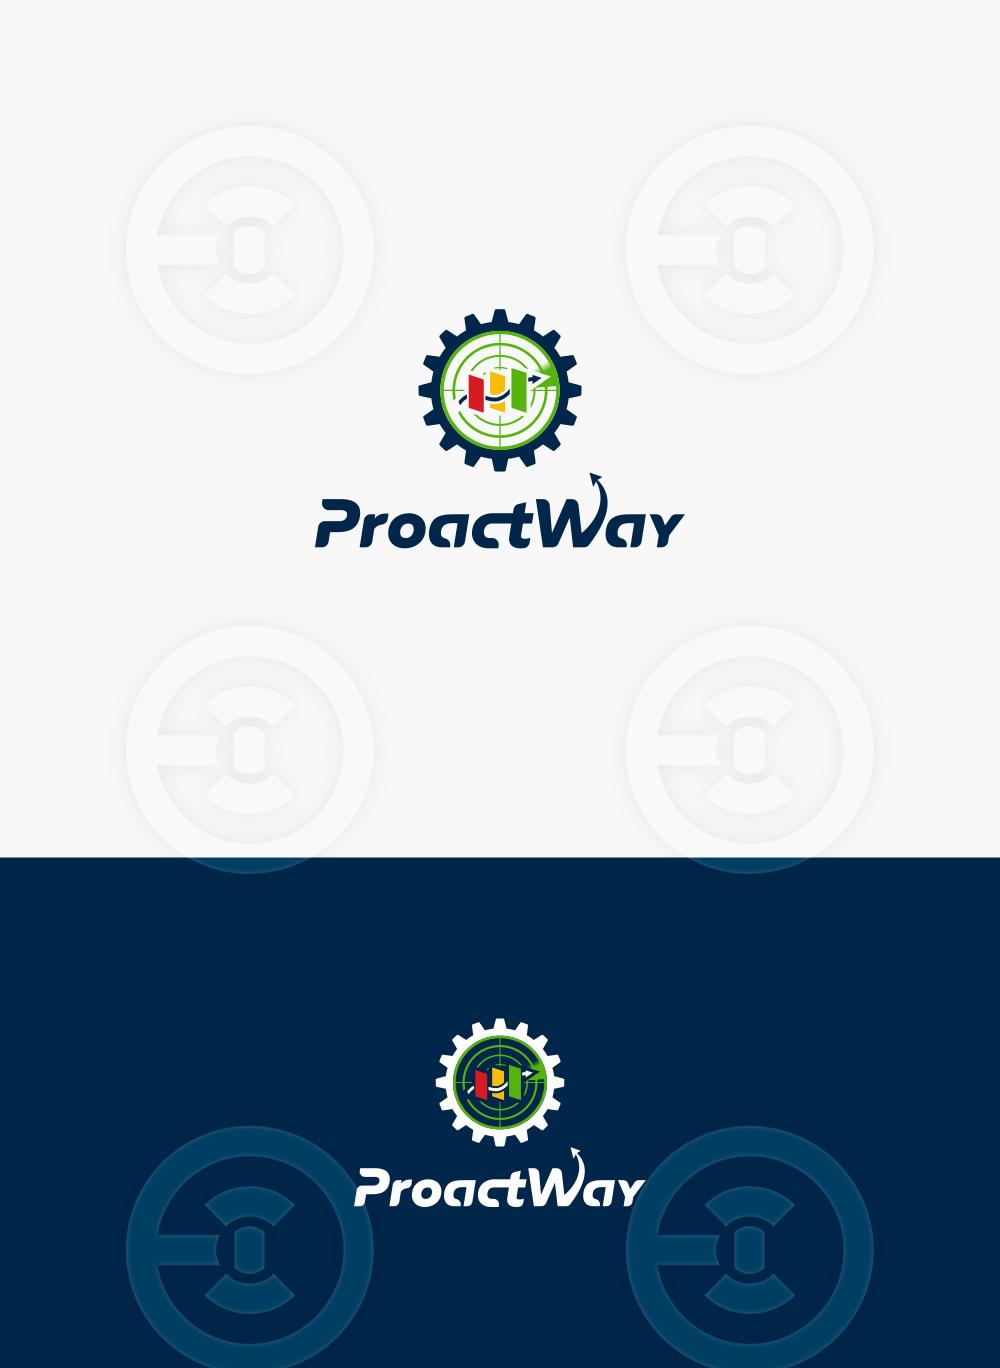 ProactWay.jpg